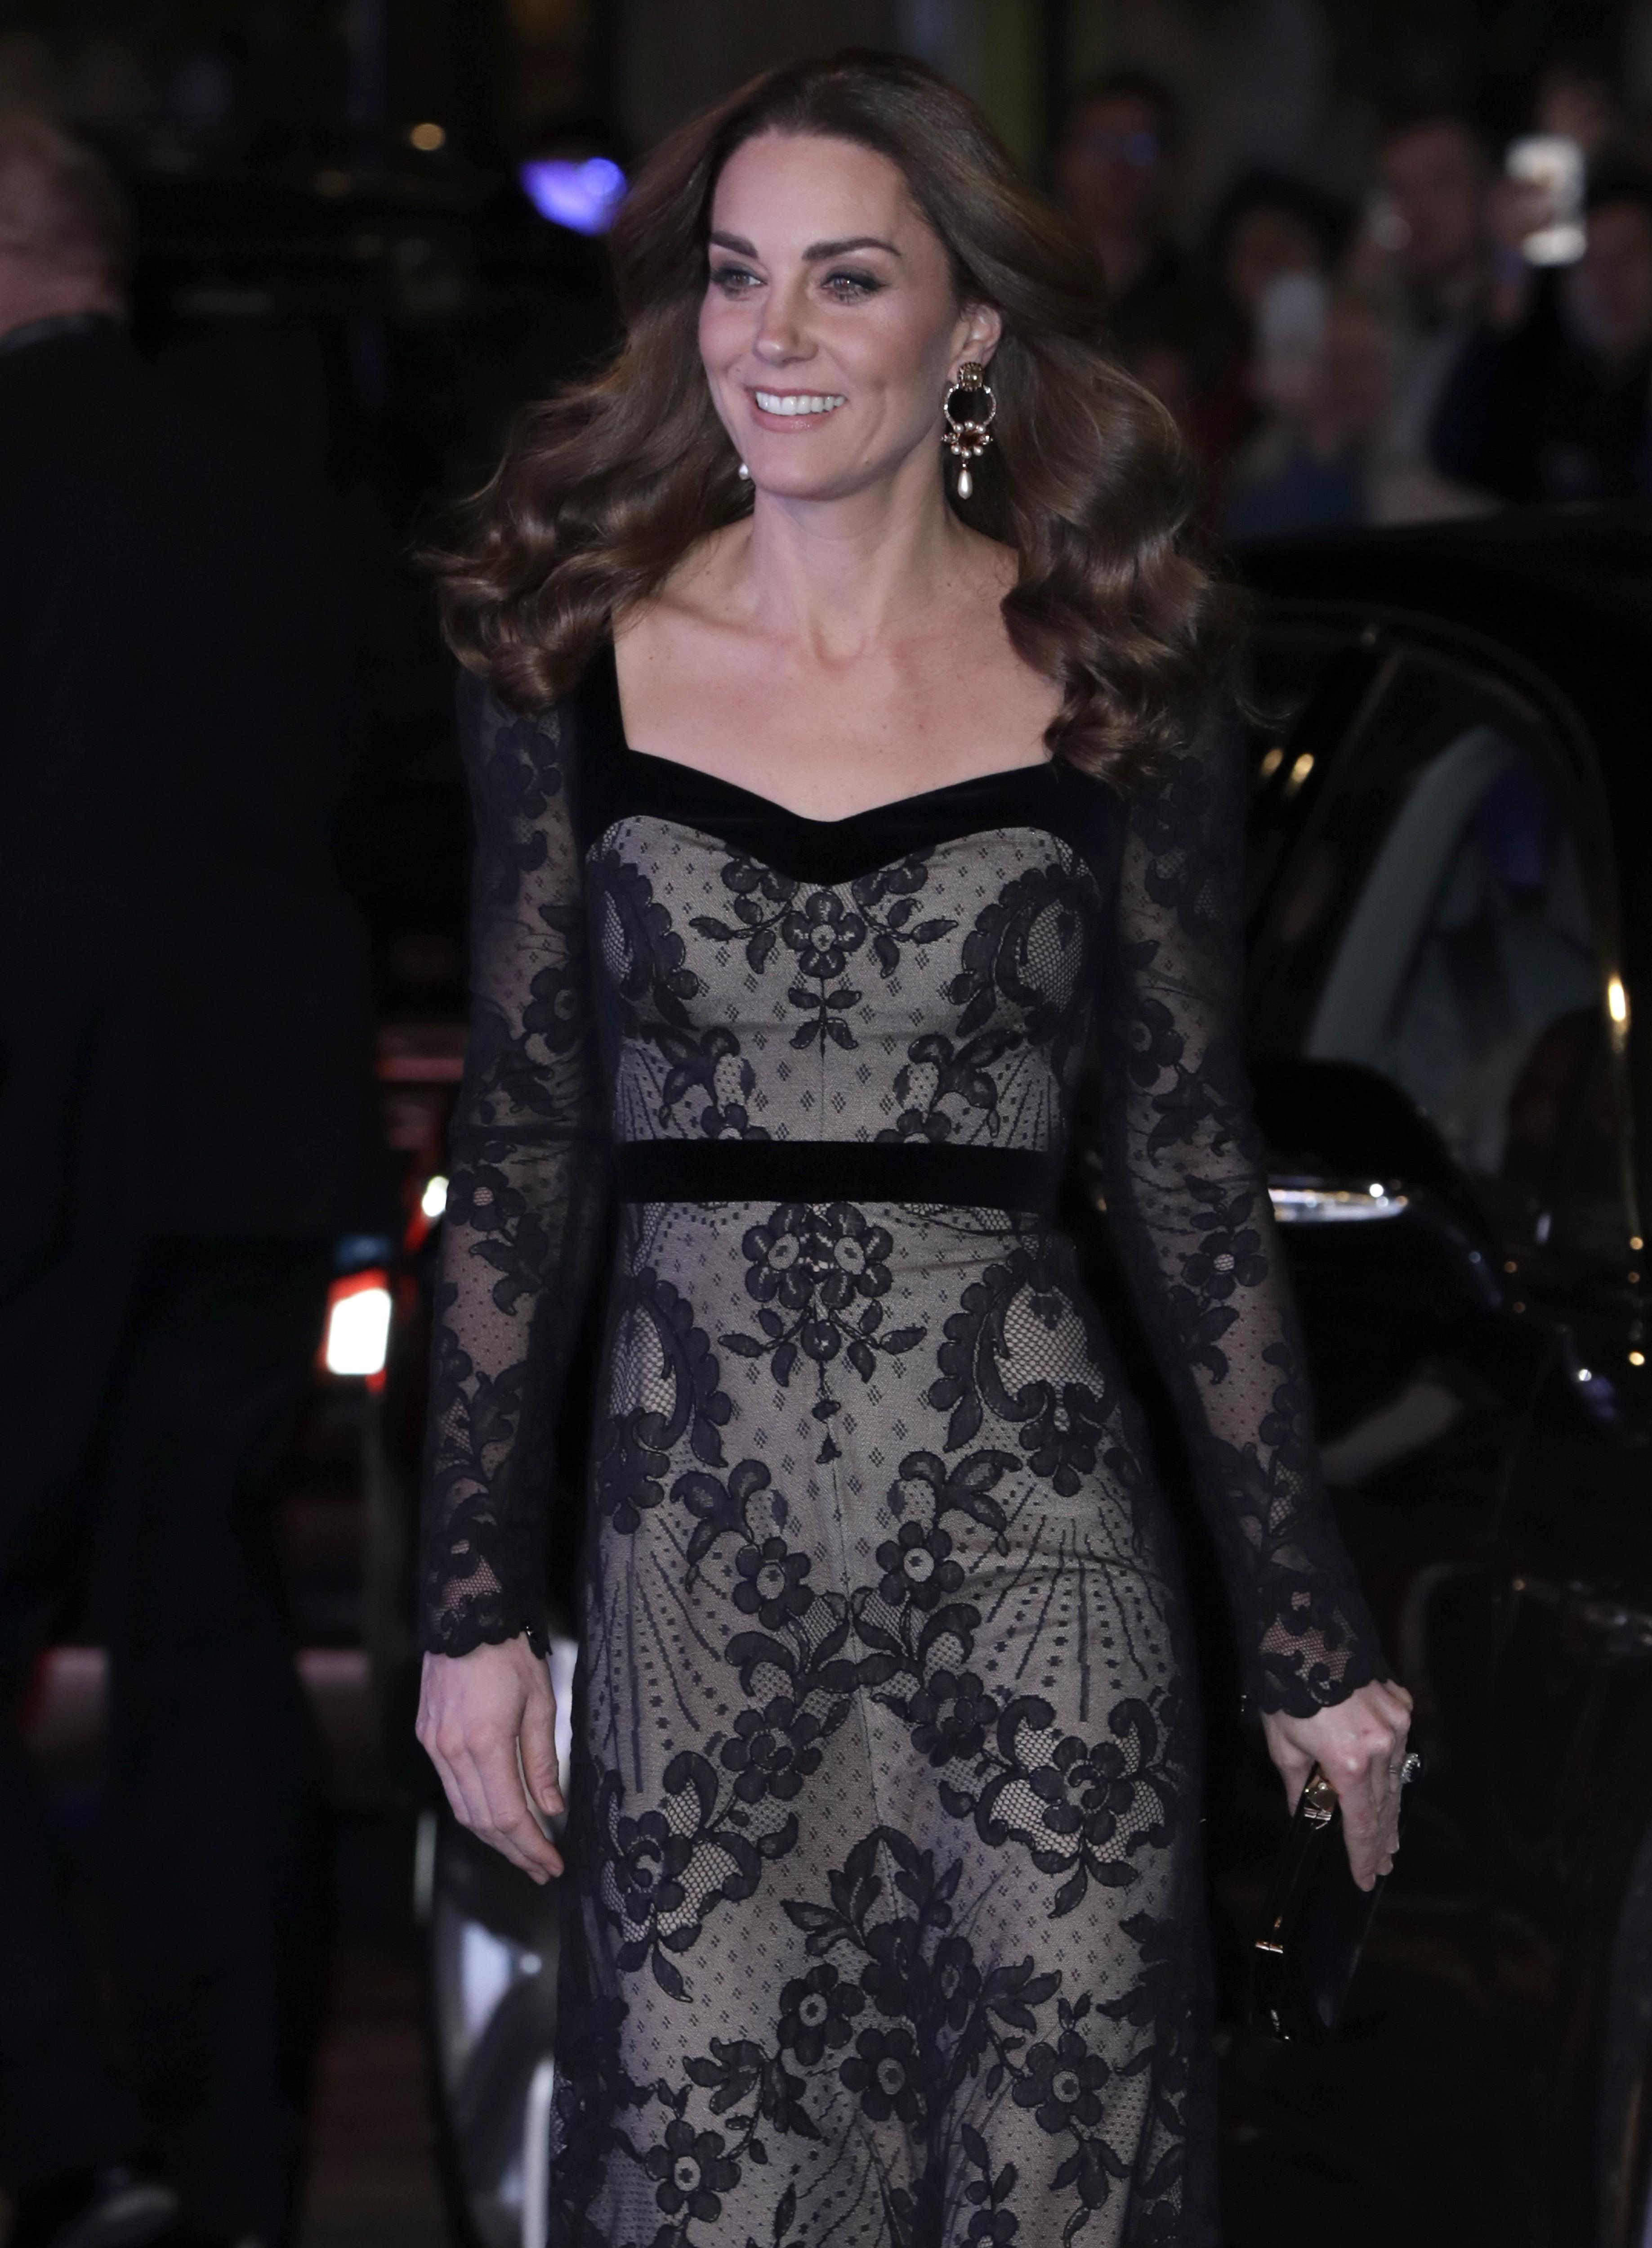 <p>Мидълтън е заложила на елегантна дълга черна рокля, дело на модна къща&nbsp;Alexander McQueen. Гримът на херцогинята е също издържан в нюансите на тоалета, а косата на Кейт е пусната и оформена на красиви вълни. На събитието присъстваха и други знантни гости, сред които Роби Уилямс.</p>